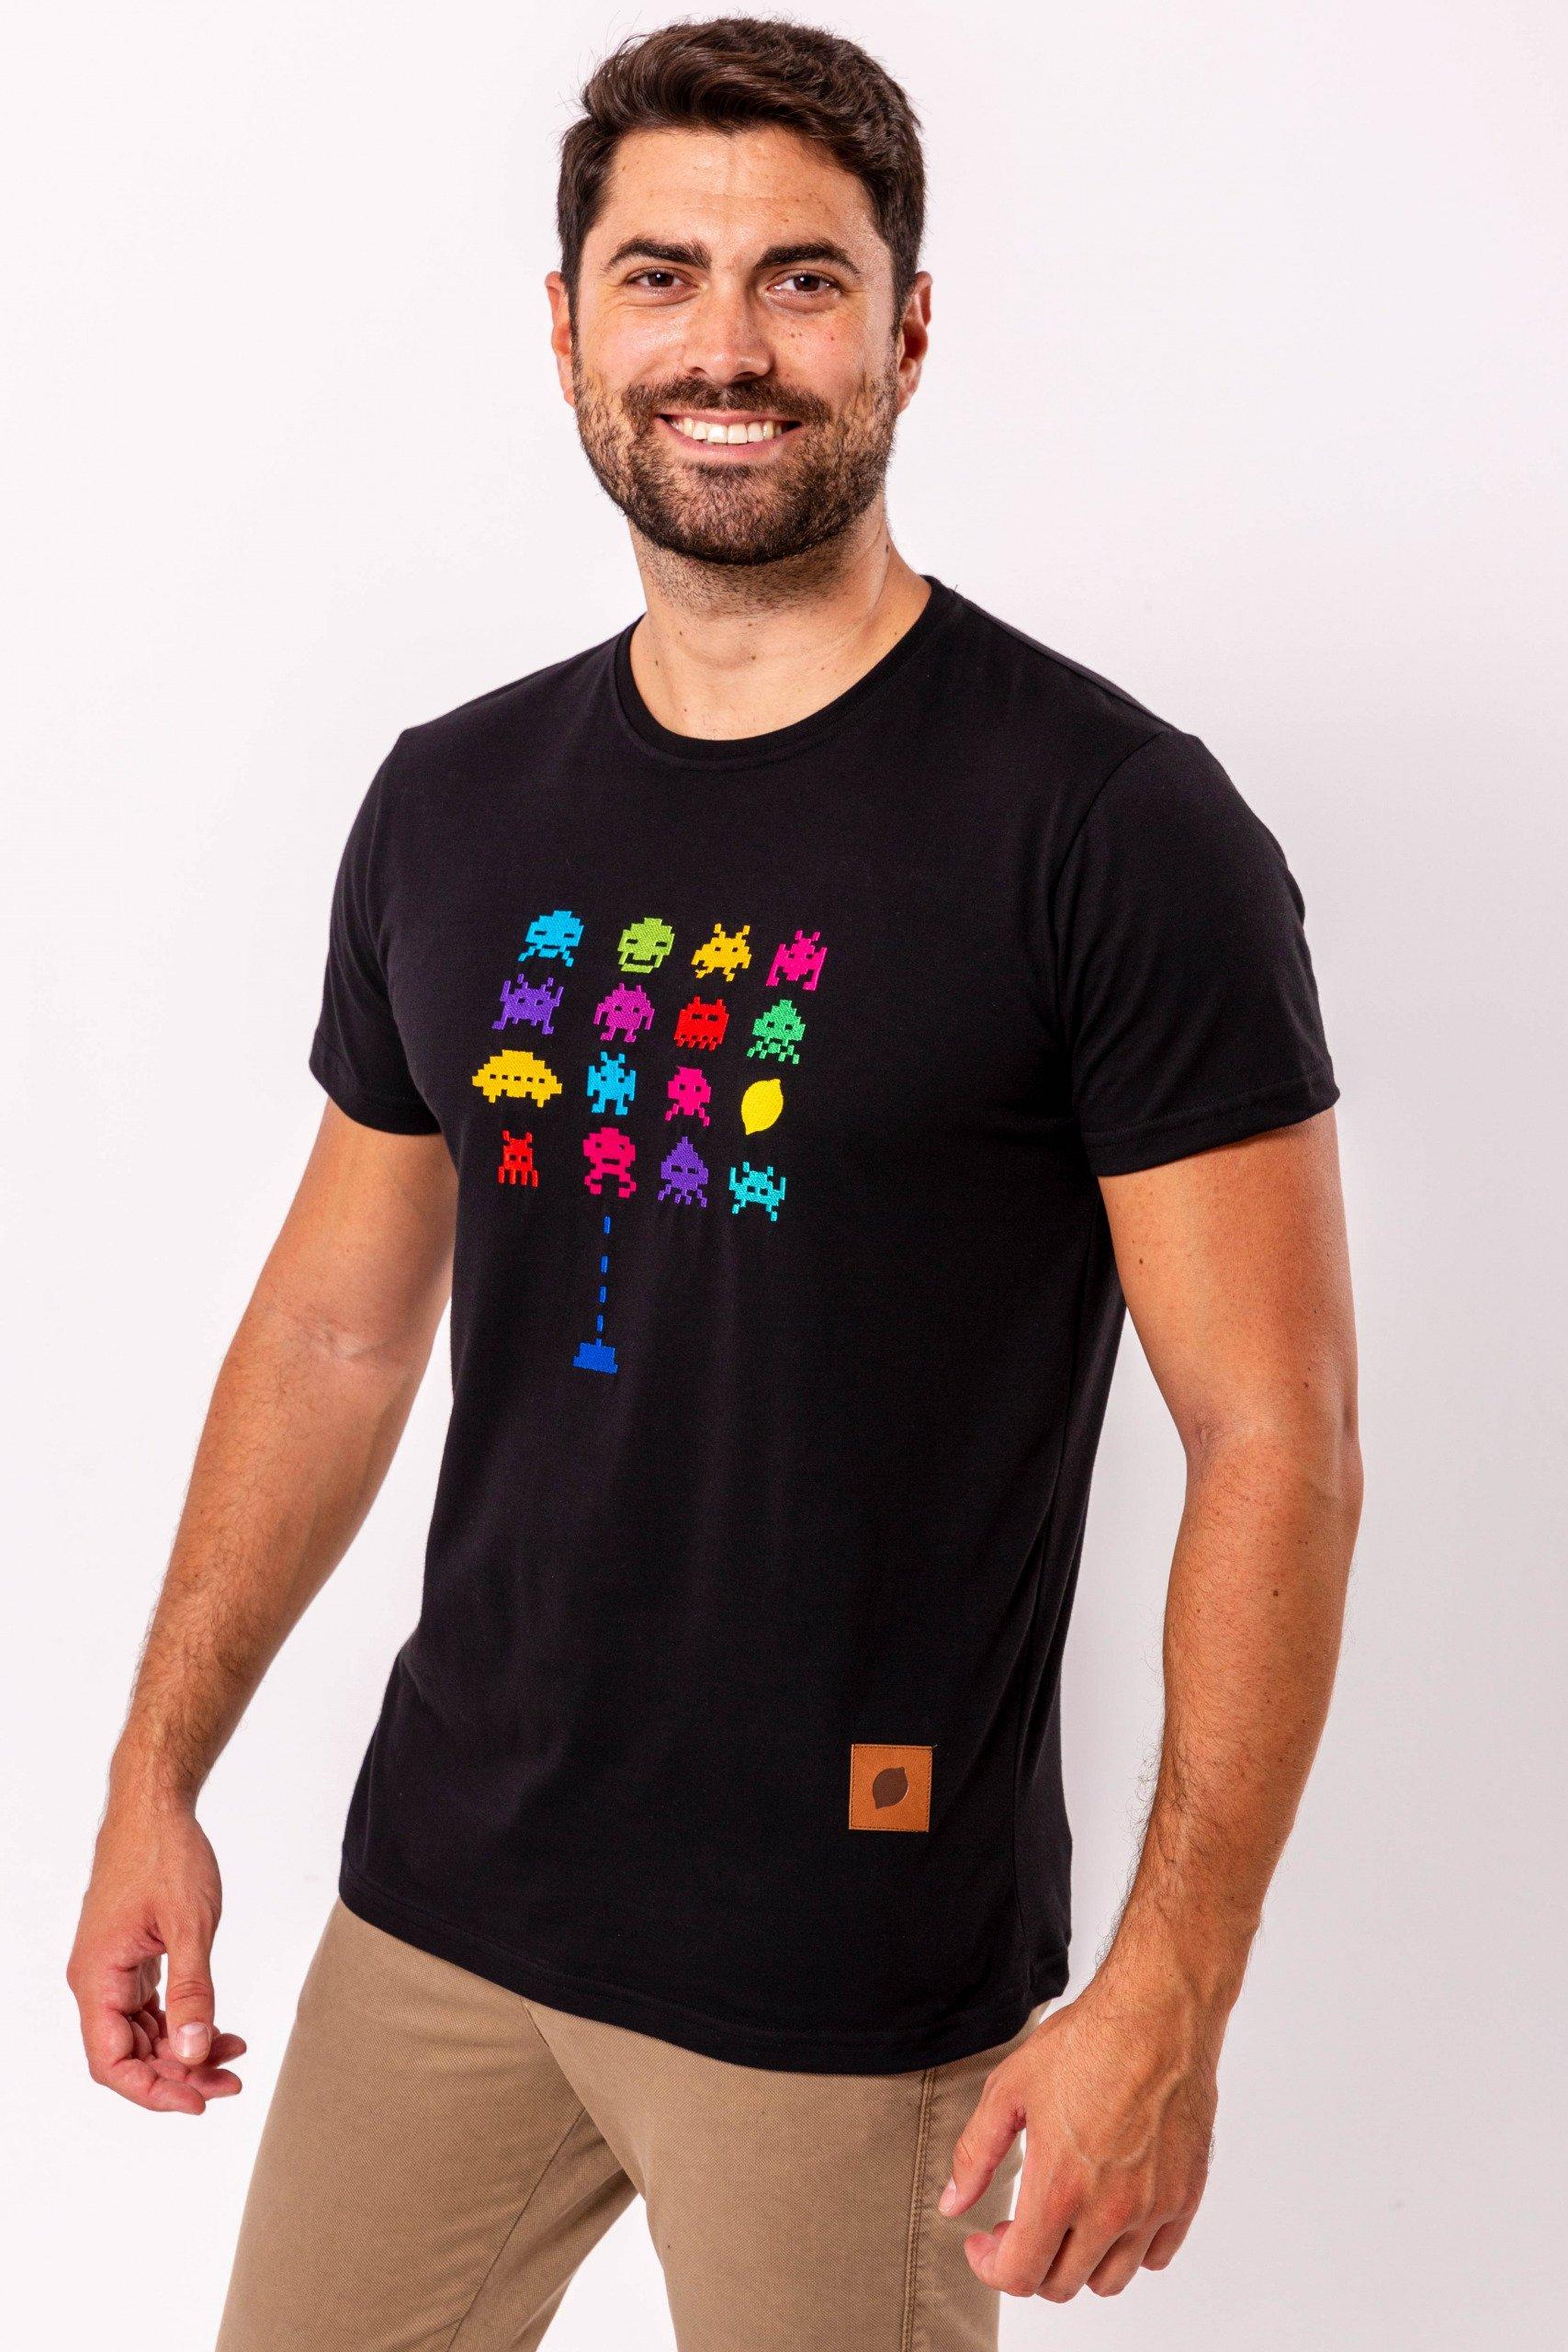 camiseta-sir-lemon-negra-bordado-marcianitos-limon-fabricada-en-españa